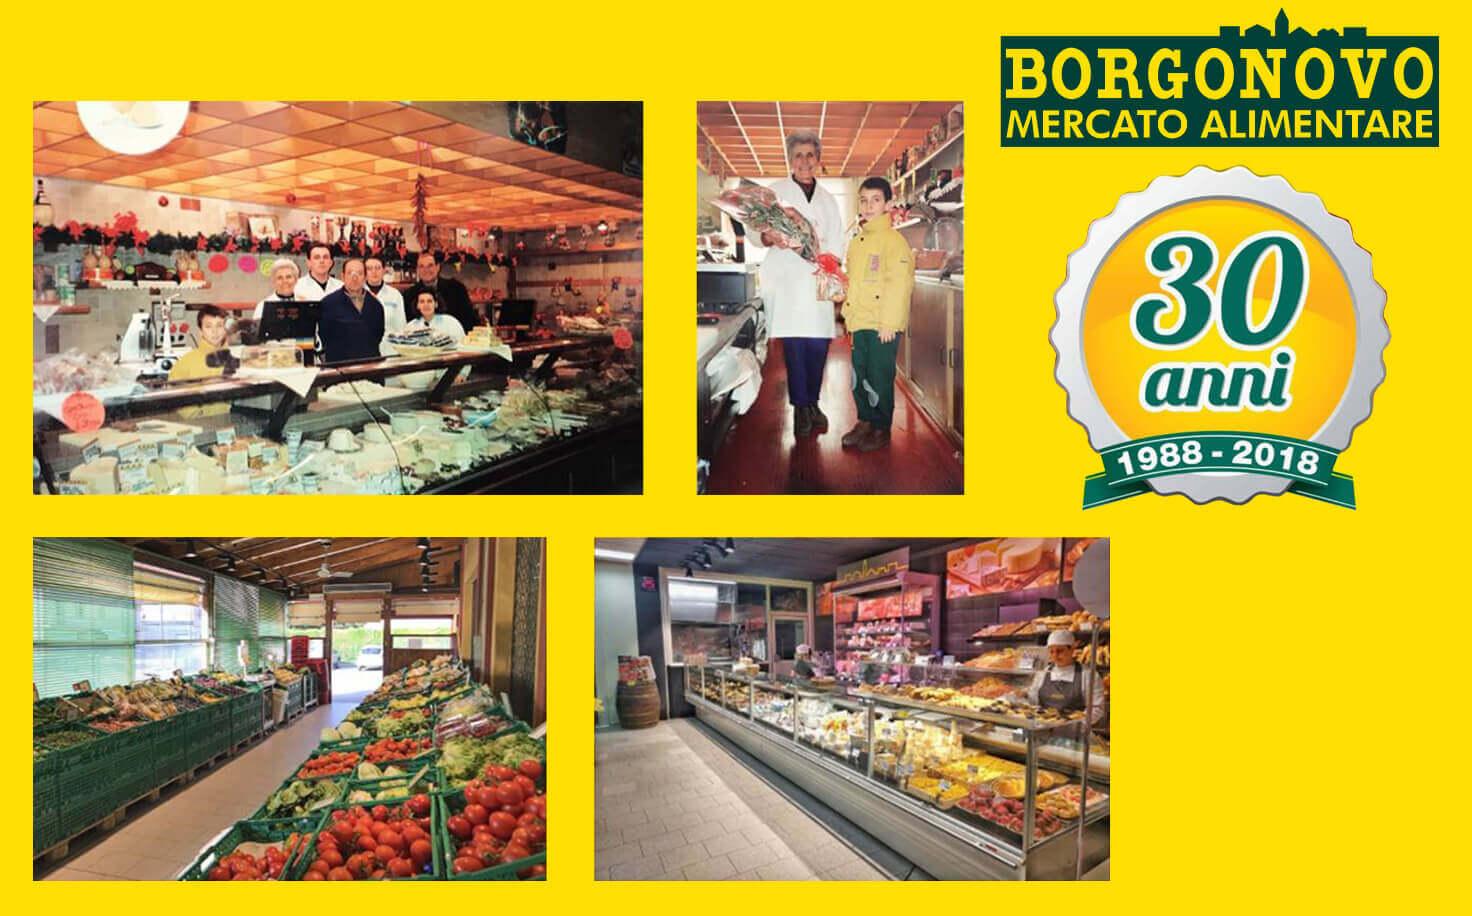 30 anni di Borgonovo Mercato Alimentare